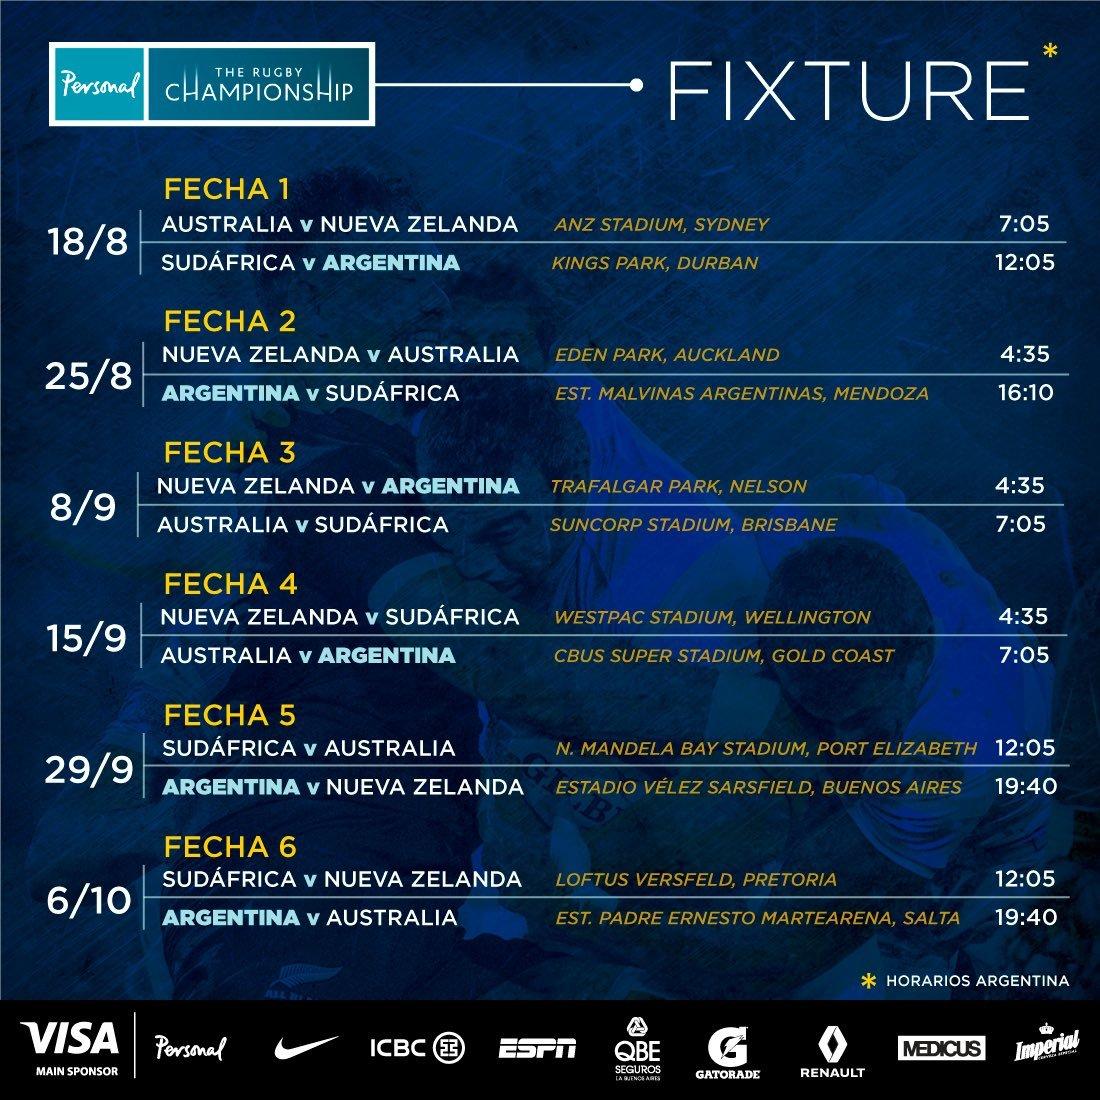 explorar Imperativo emparedado  El fixture de Los Pumas en el Rugby Championship 2018 | MARCA Claro  Argentina